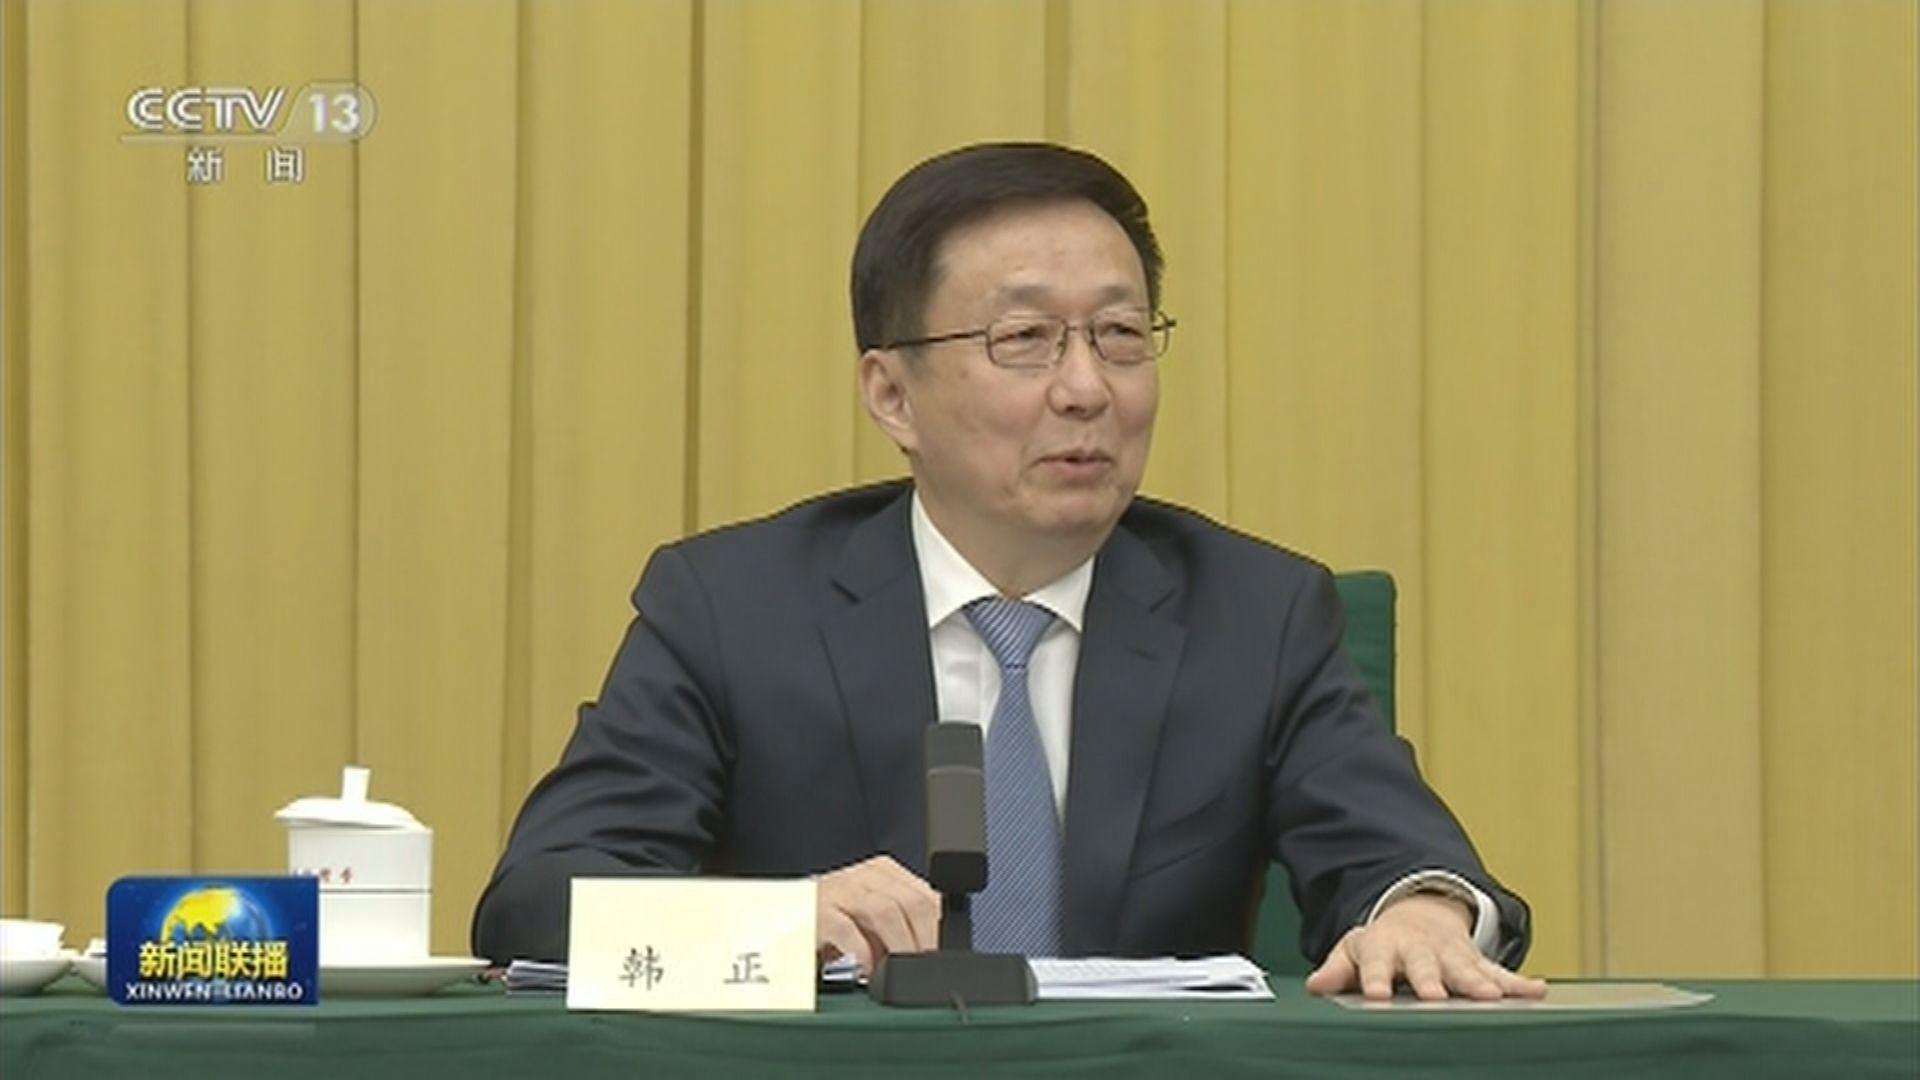 韓正晤港澳政協 指修改選舉方法有必要及迫切性